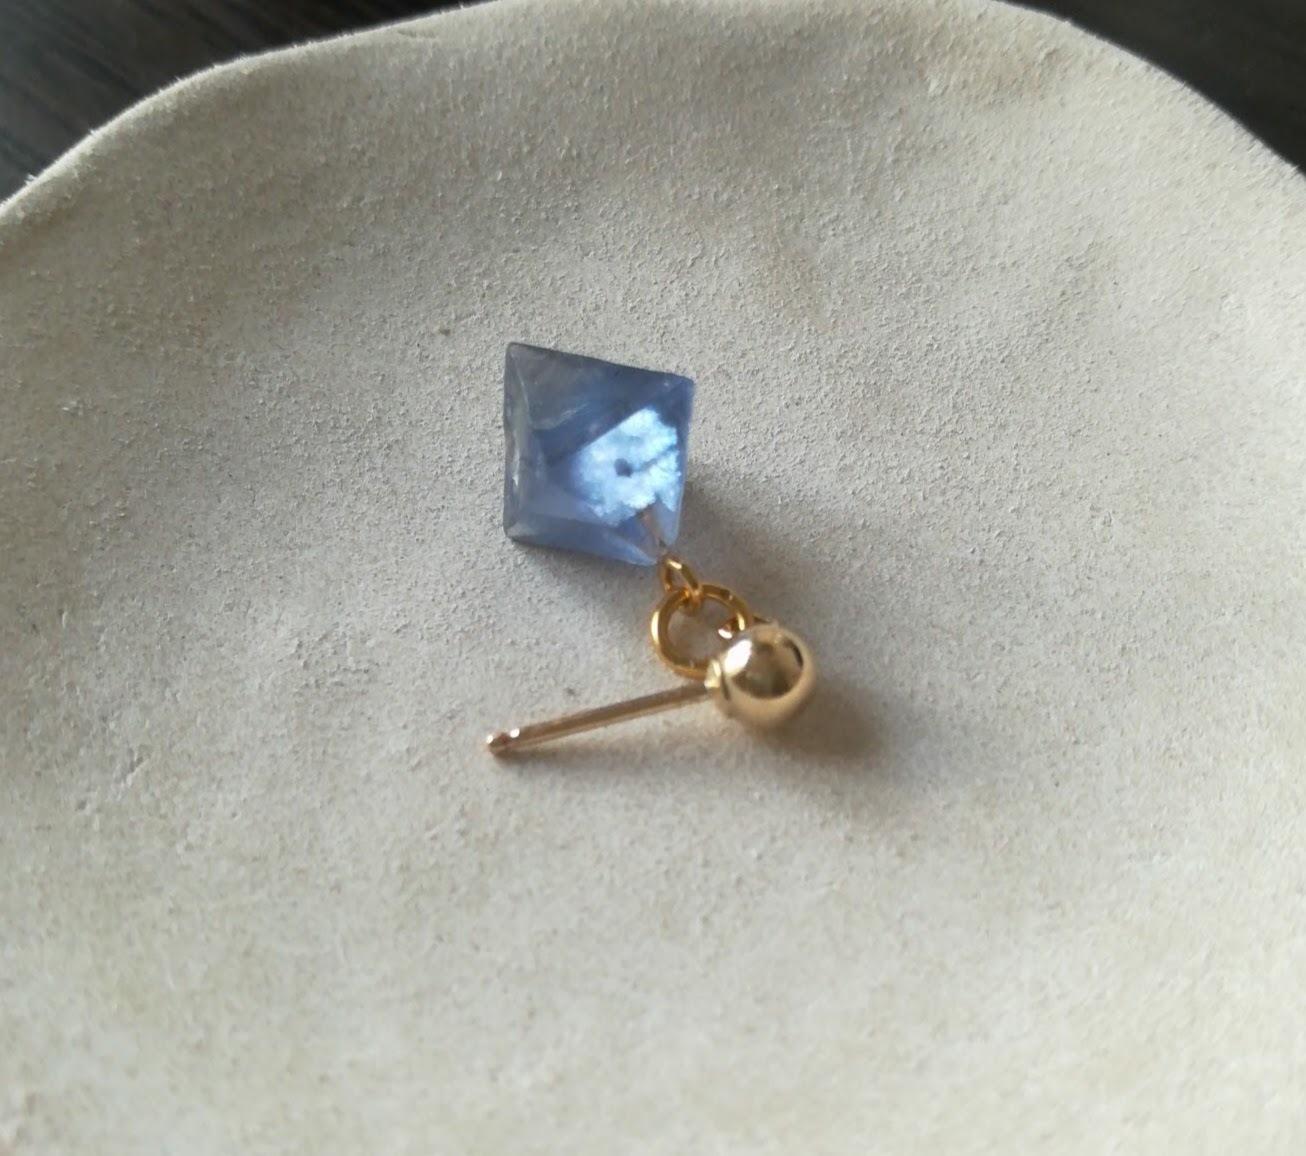 青の蛍石のピアス(New Mexicoビンガム産蛍石) by Haru